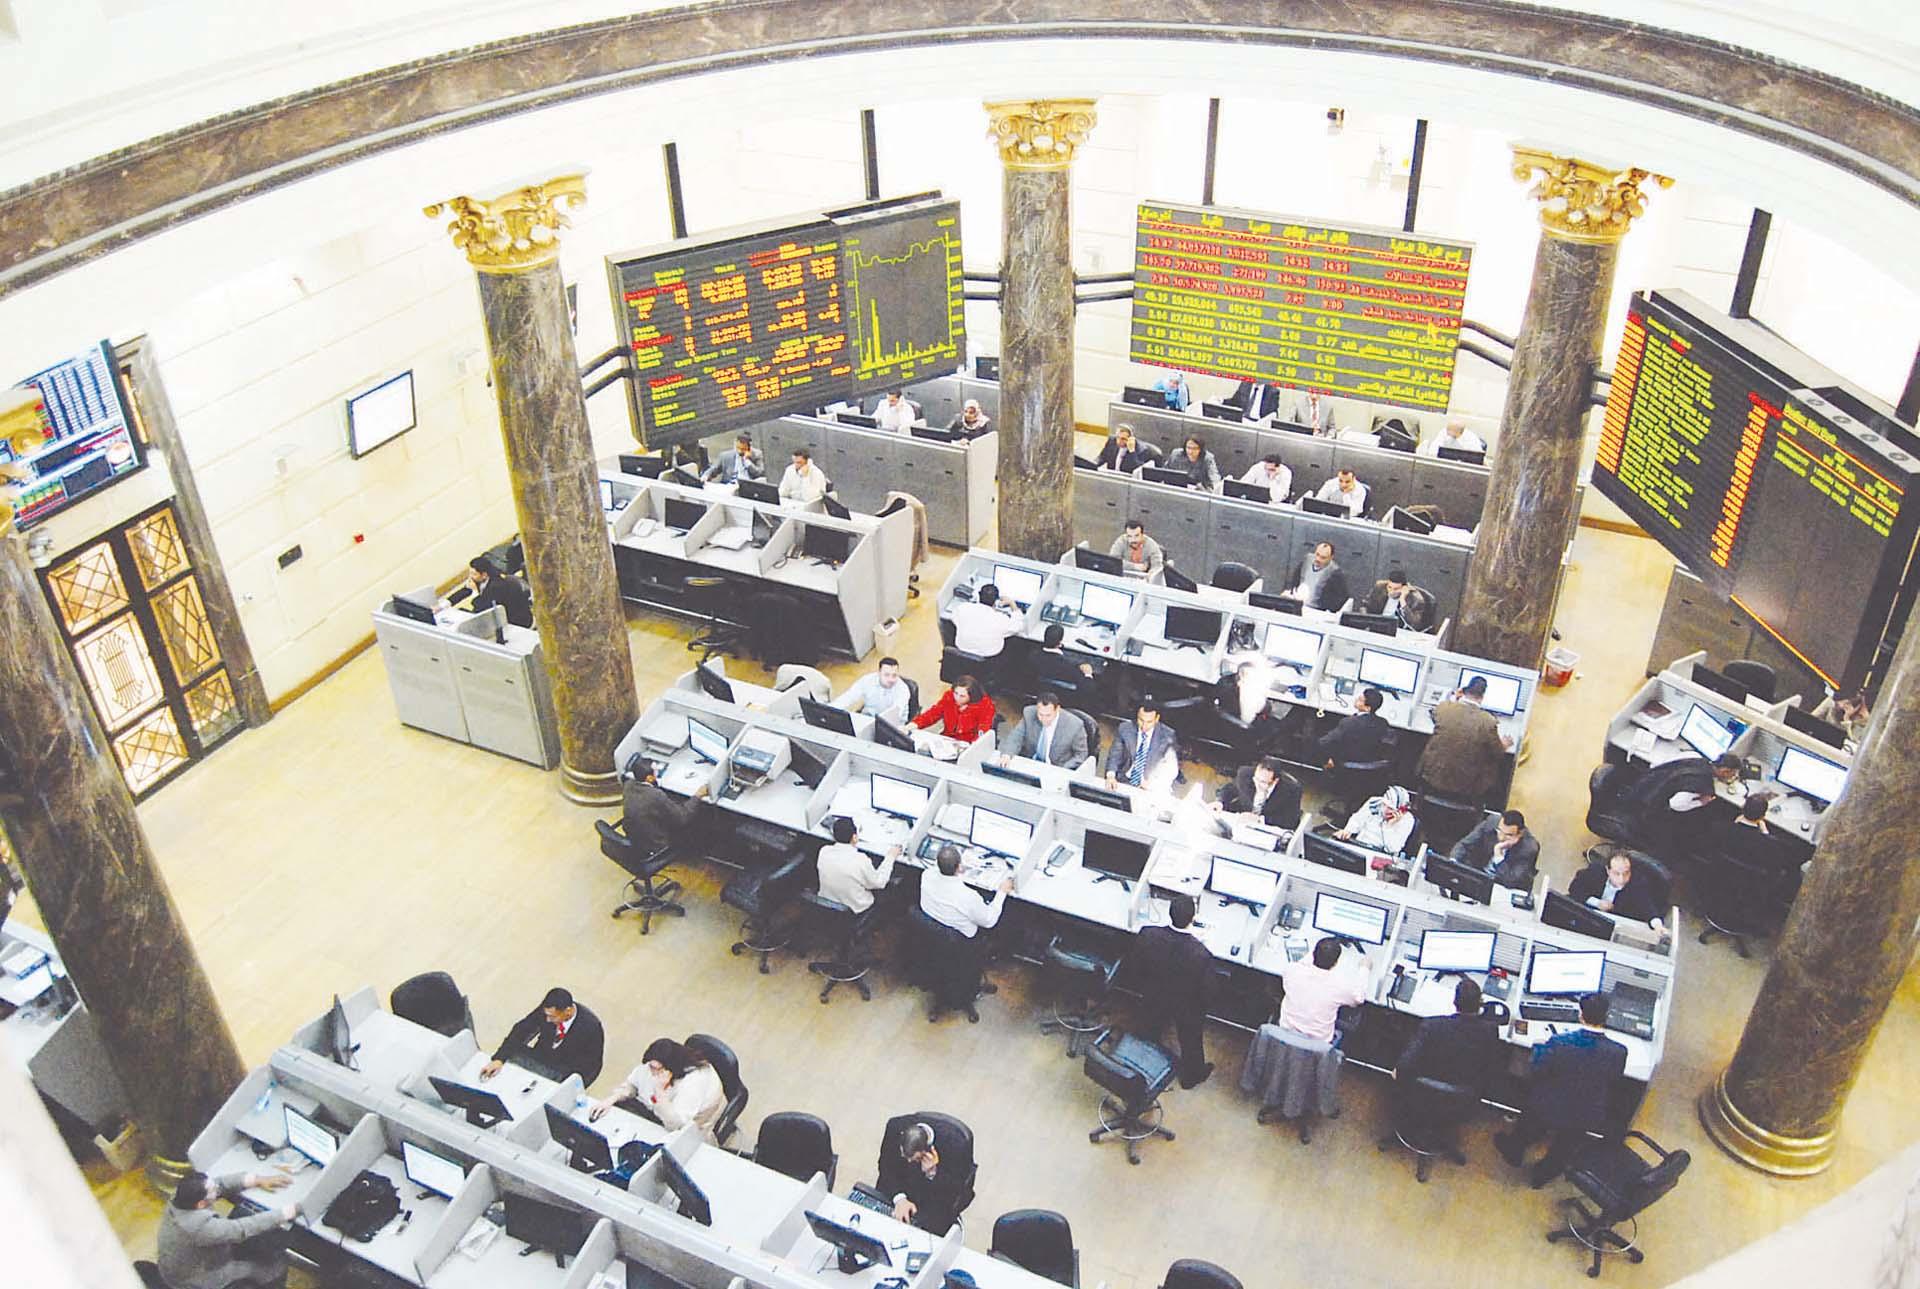 البورصة تغلق أسبوع «مقاومة كورونا» بصعود طفيف - جريدة المال